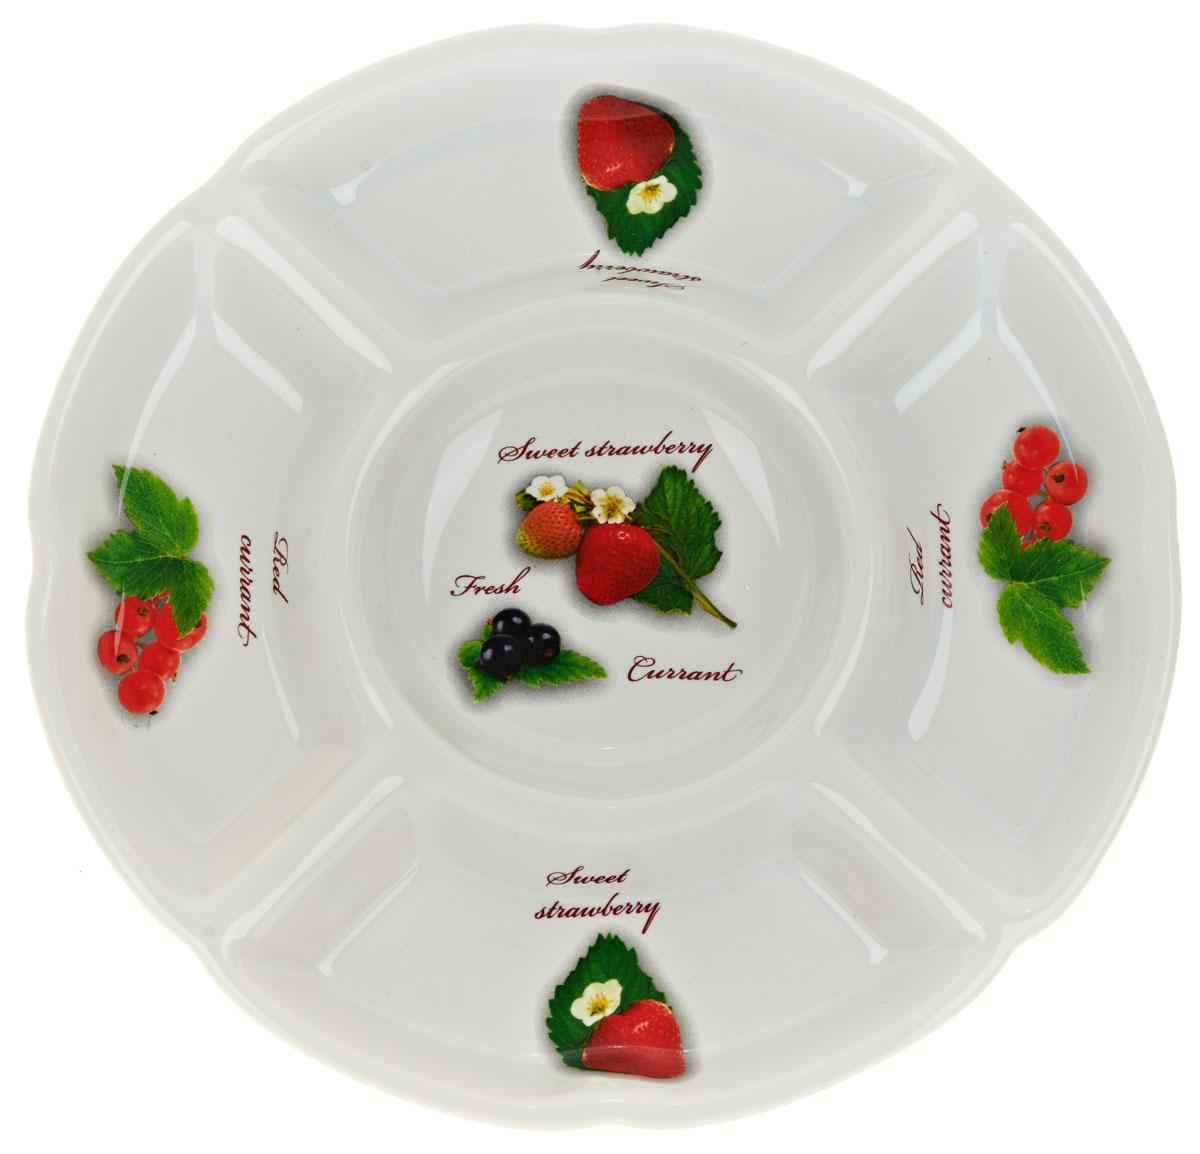 Менажница ENS Group Садовая ягода, 5 секций, диаметр 24 см. L252028454 009312Менажница Садовая ягода, изготовленная из высококачественной керамики. Менажница состоит из 5 секций, предназначенных для подачи сразу нескольких видов закусок, нарезок, соусов и варенья.Оригинальная менажница станет настоящим украшением праздничного стола и подчеркнет ваш изысканный вкус.Можно мыть в посудомоечной машине.